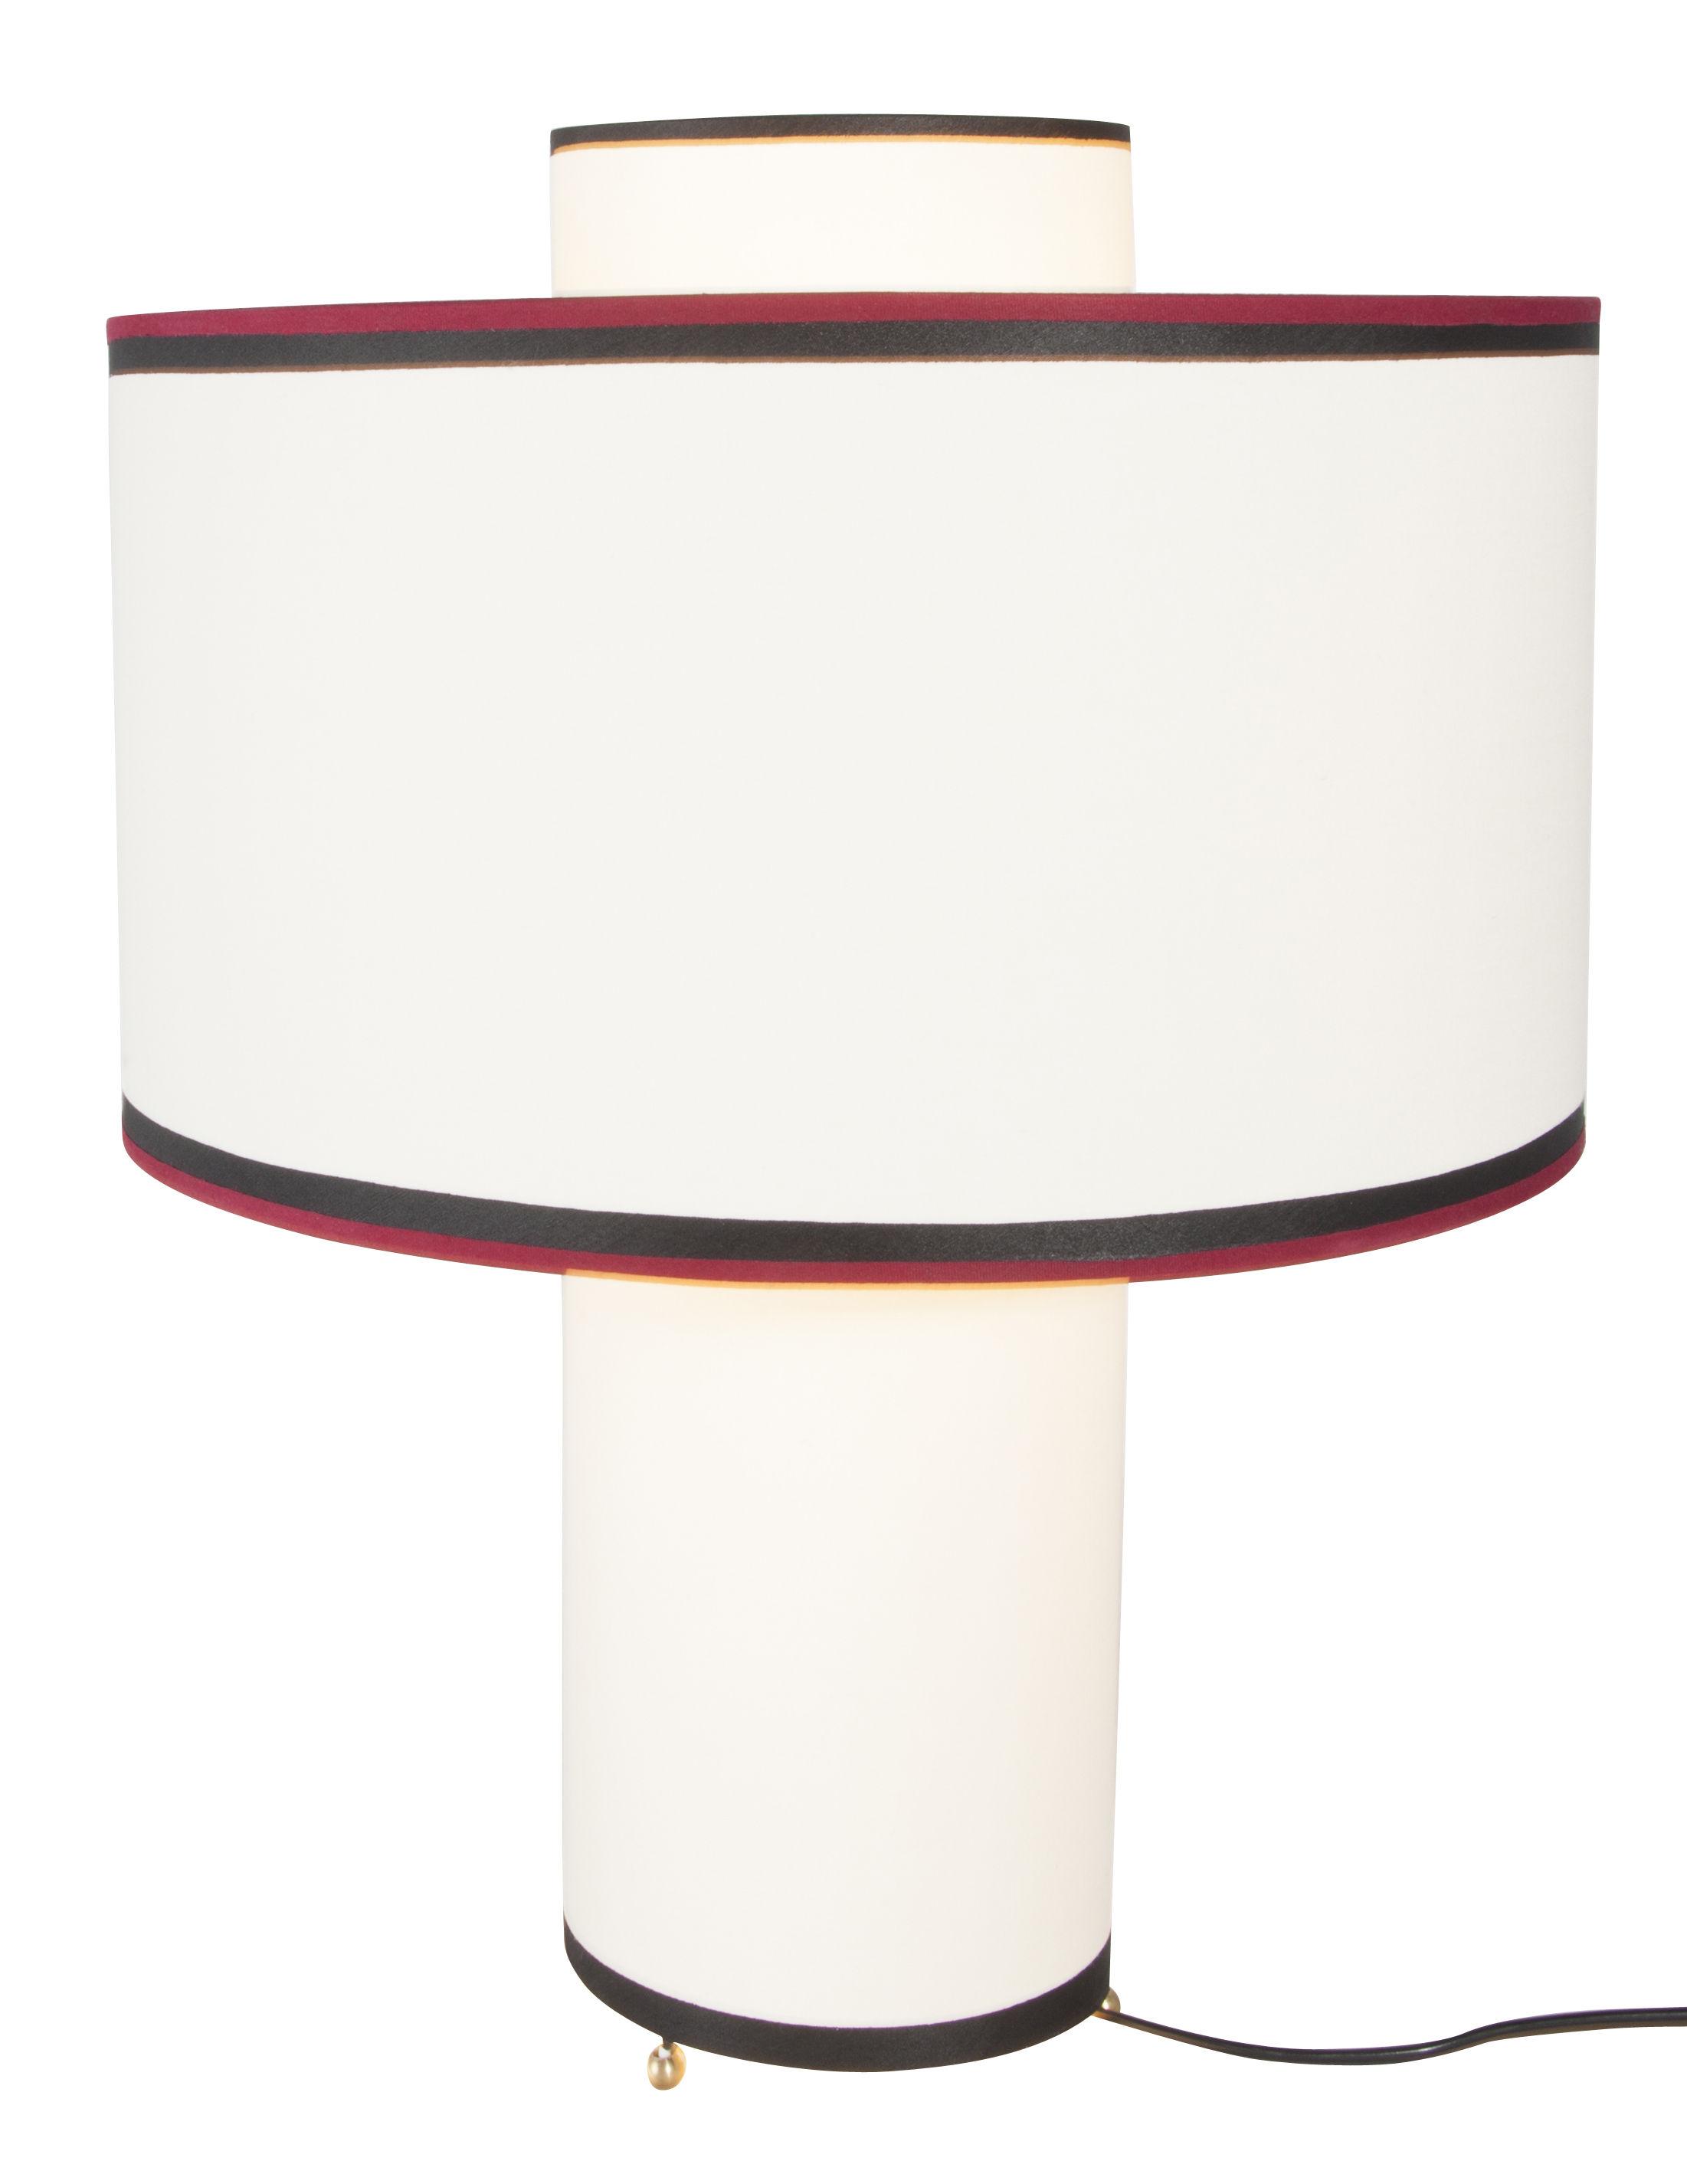 Luminaire - Lampes de table - Lampe de table Bianca / Coton - H 47 cm - Maison Sarah Lavoine - Ecru / Biais rouge & noir - Coton, Métal